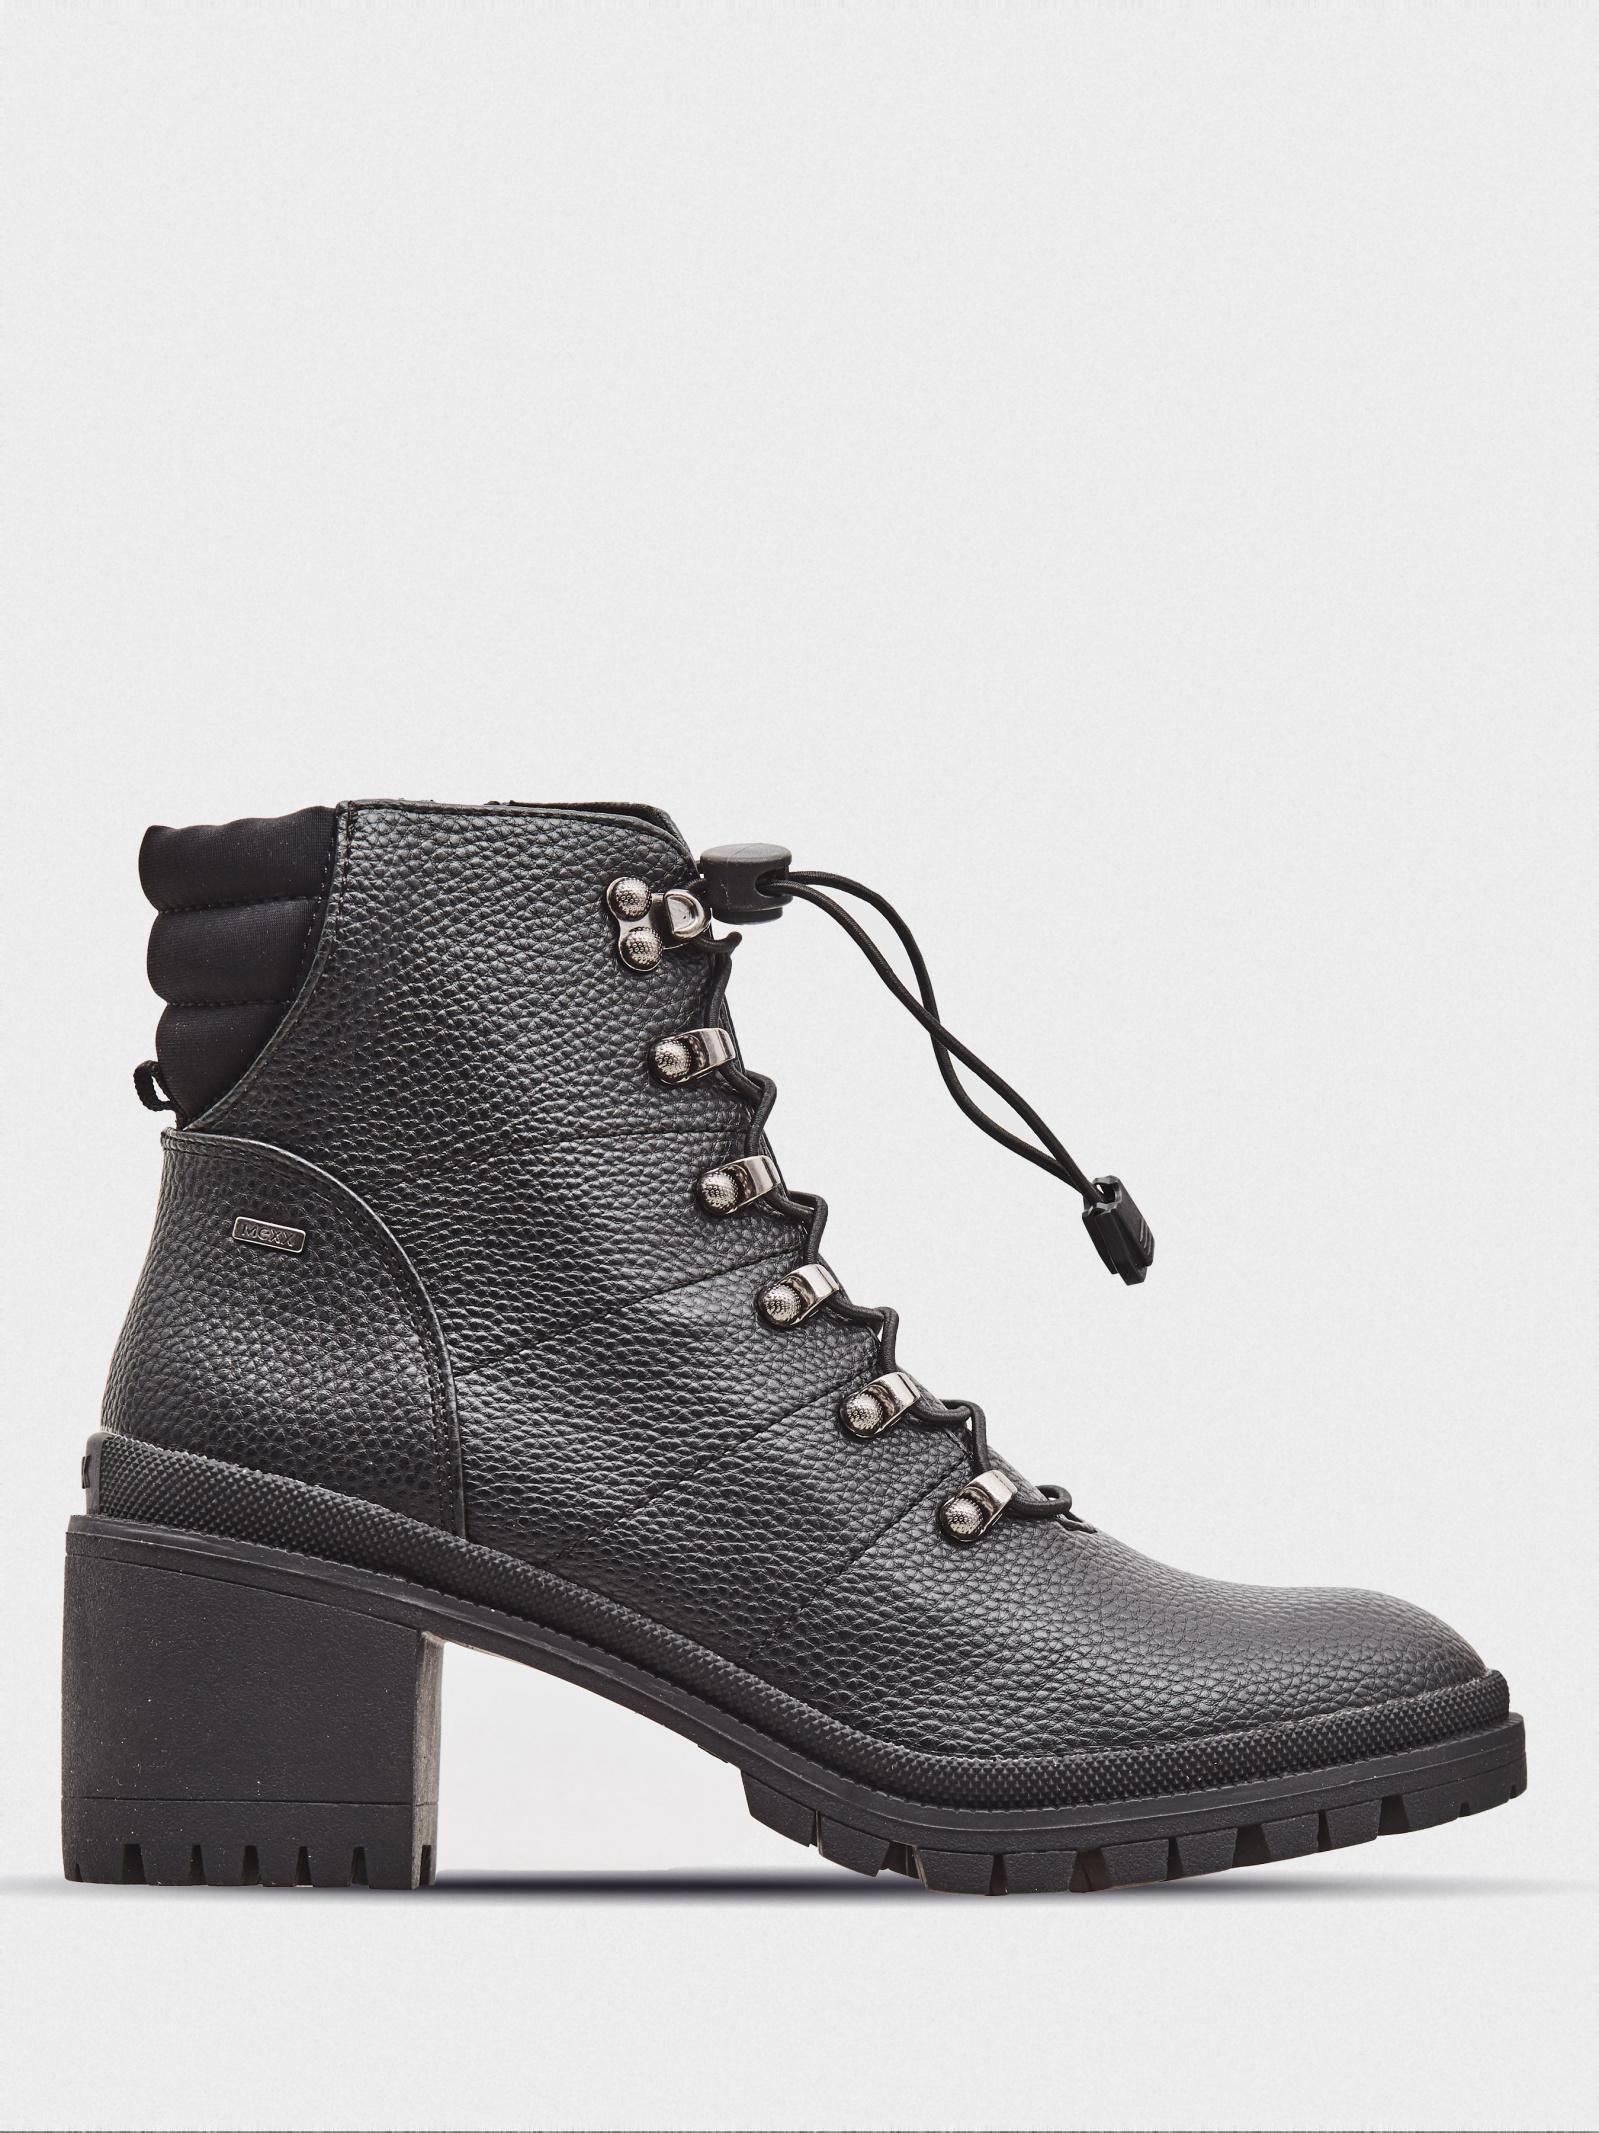 Ботинки для женщин MEXX 7L71 купить онлайн, 2017